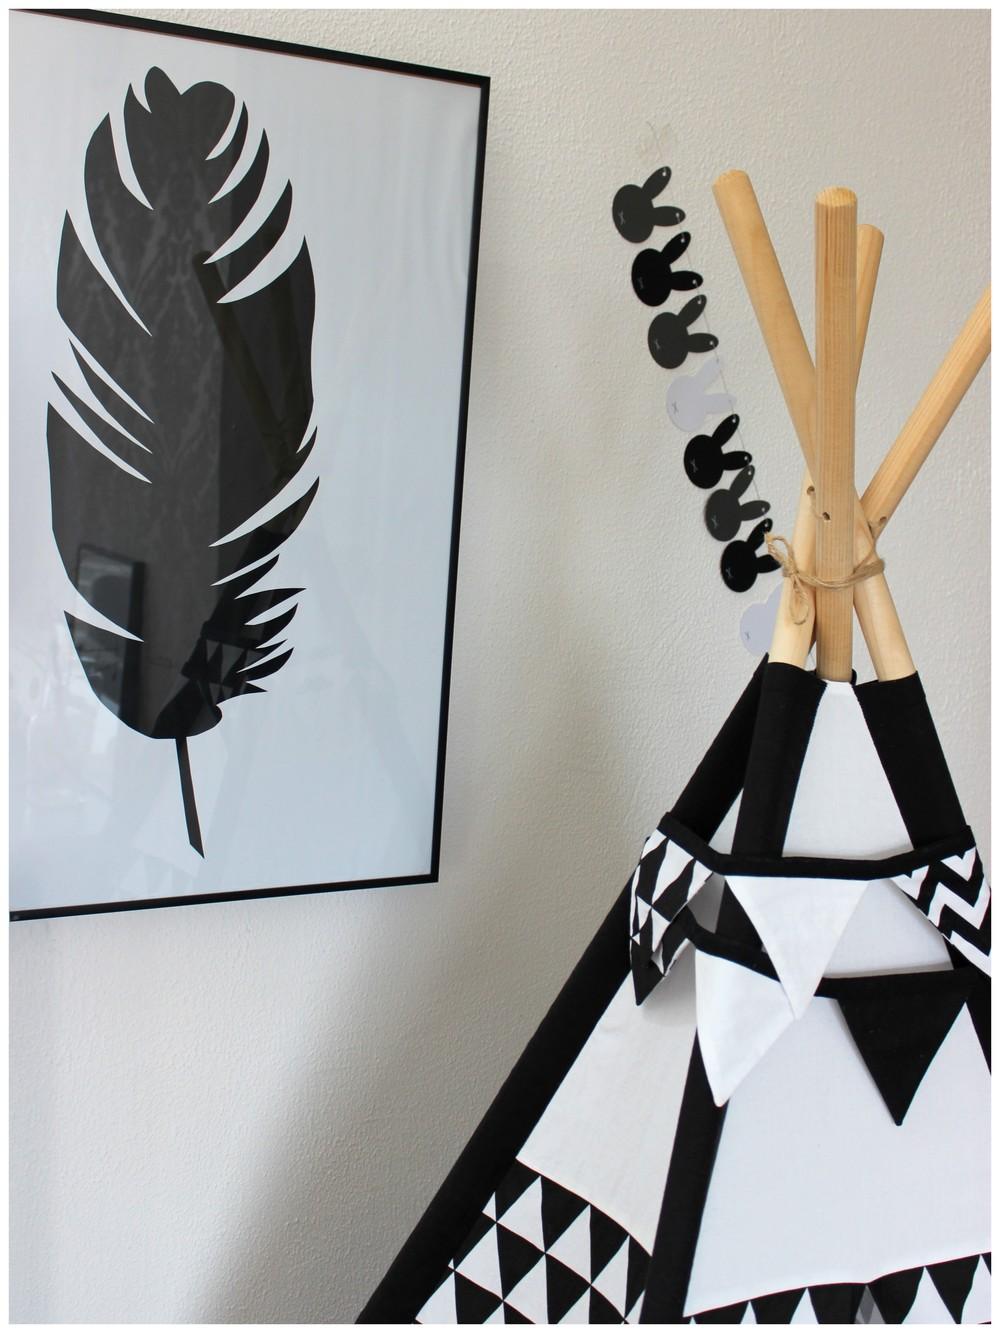 Zajíčková girlanda - Luci Art decor; Obraz peří - vlastní DIY